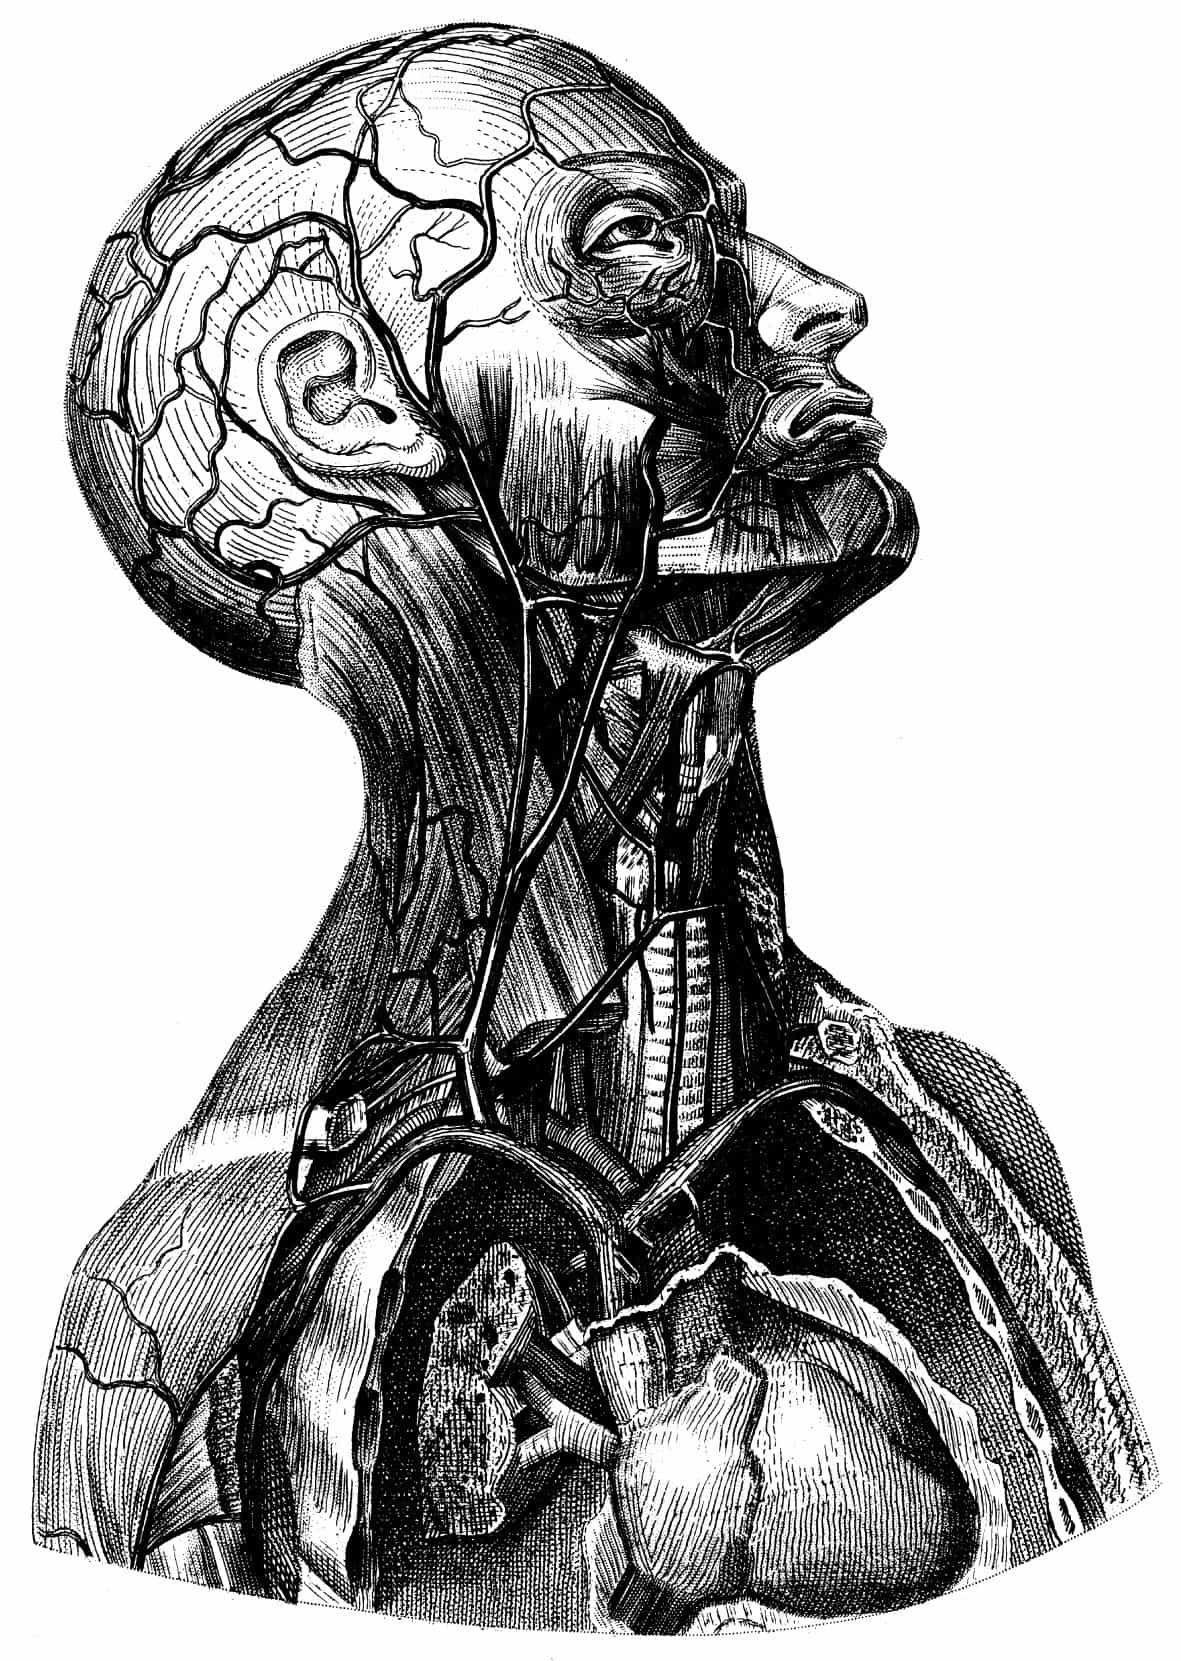 Skull Antique Medical Poster, Vintage Illustration